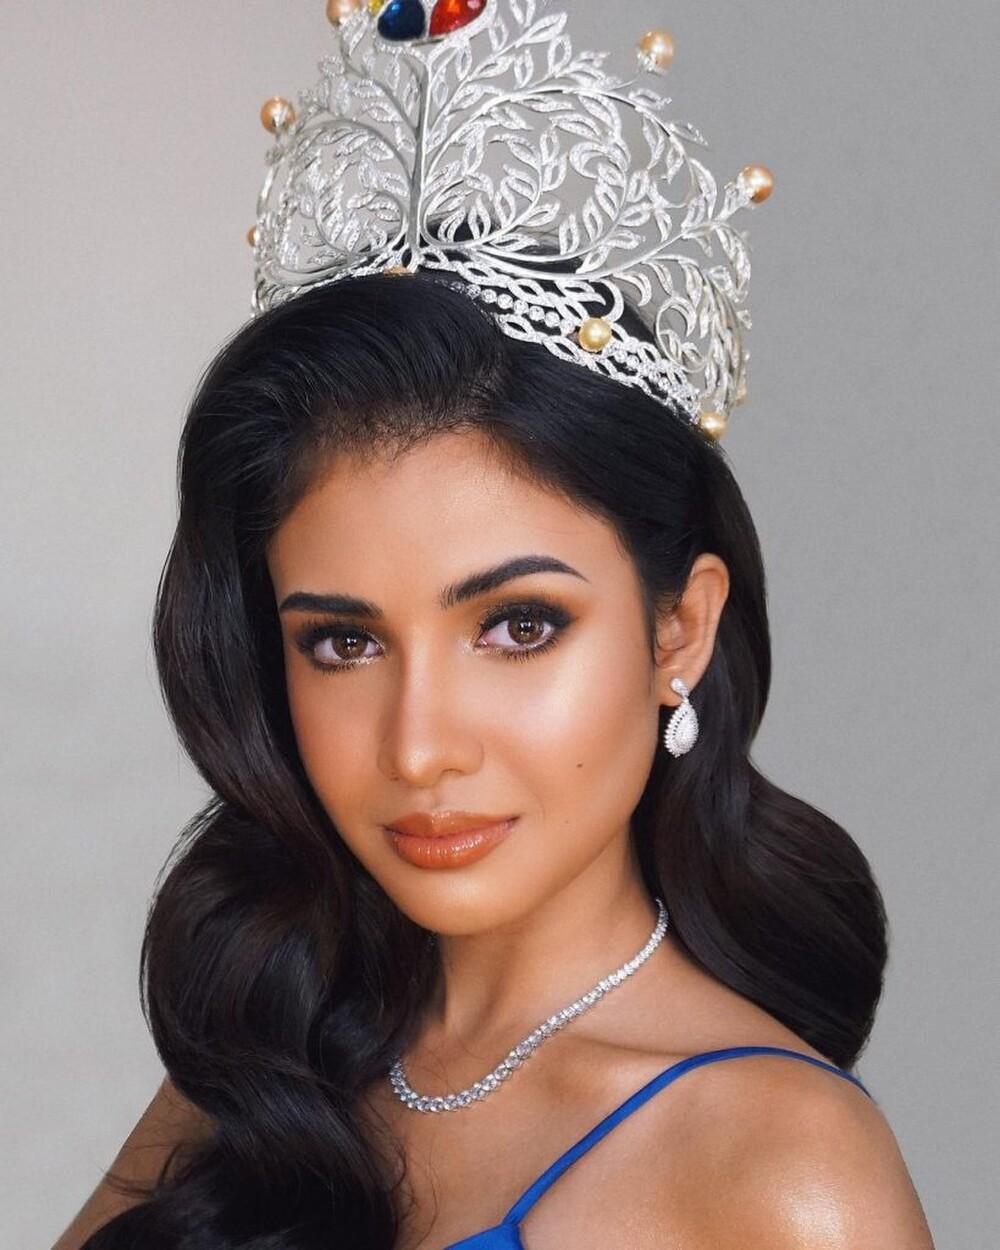 Missosology công bố dự đoán Tân Hoa hậu Hoàn vũ: Mỹ nhân Philippines lọt Top 5, Bolivia sẽ đăng quang? Ảnh 6